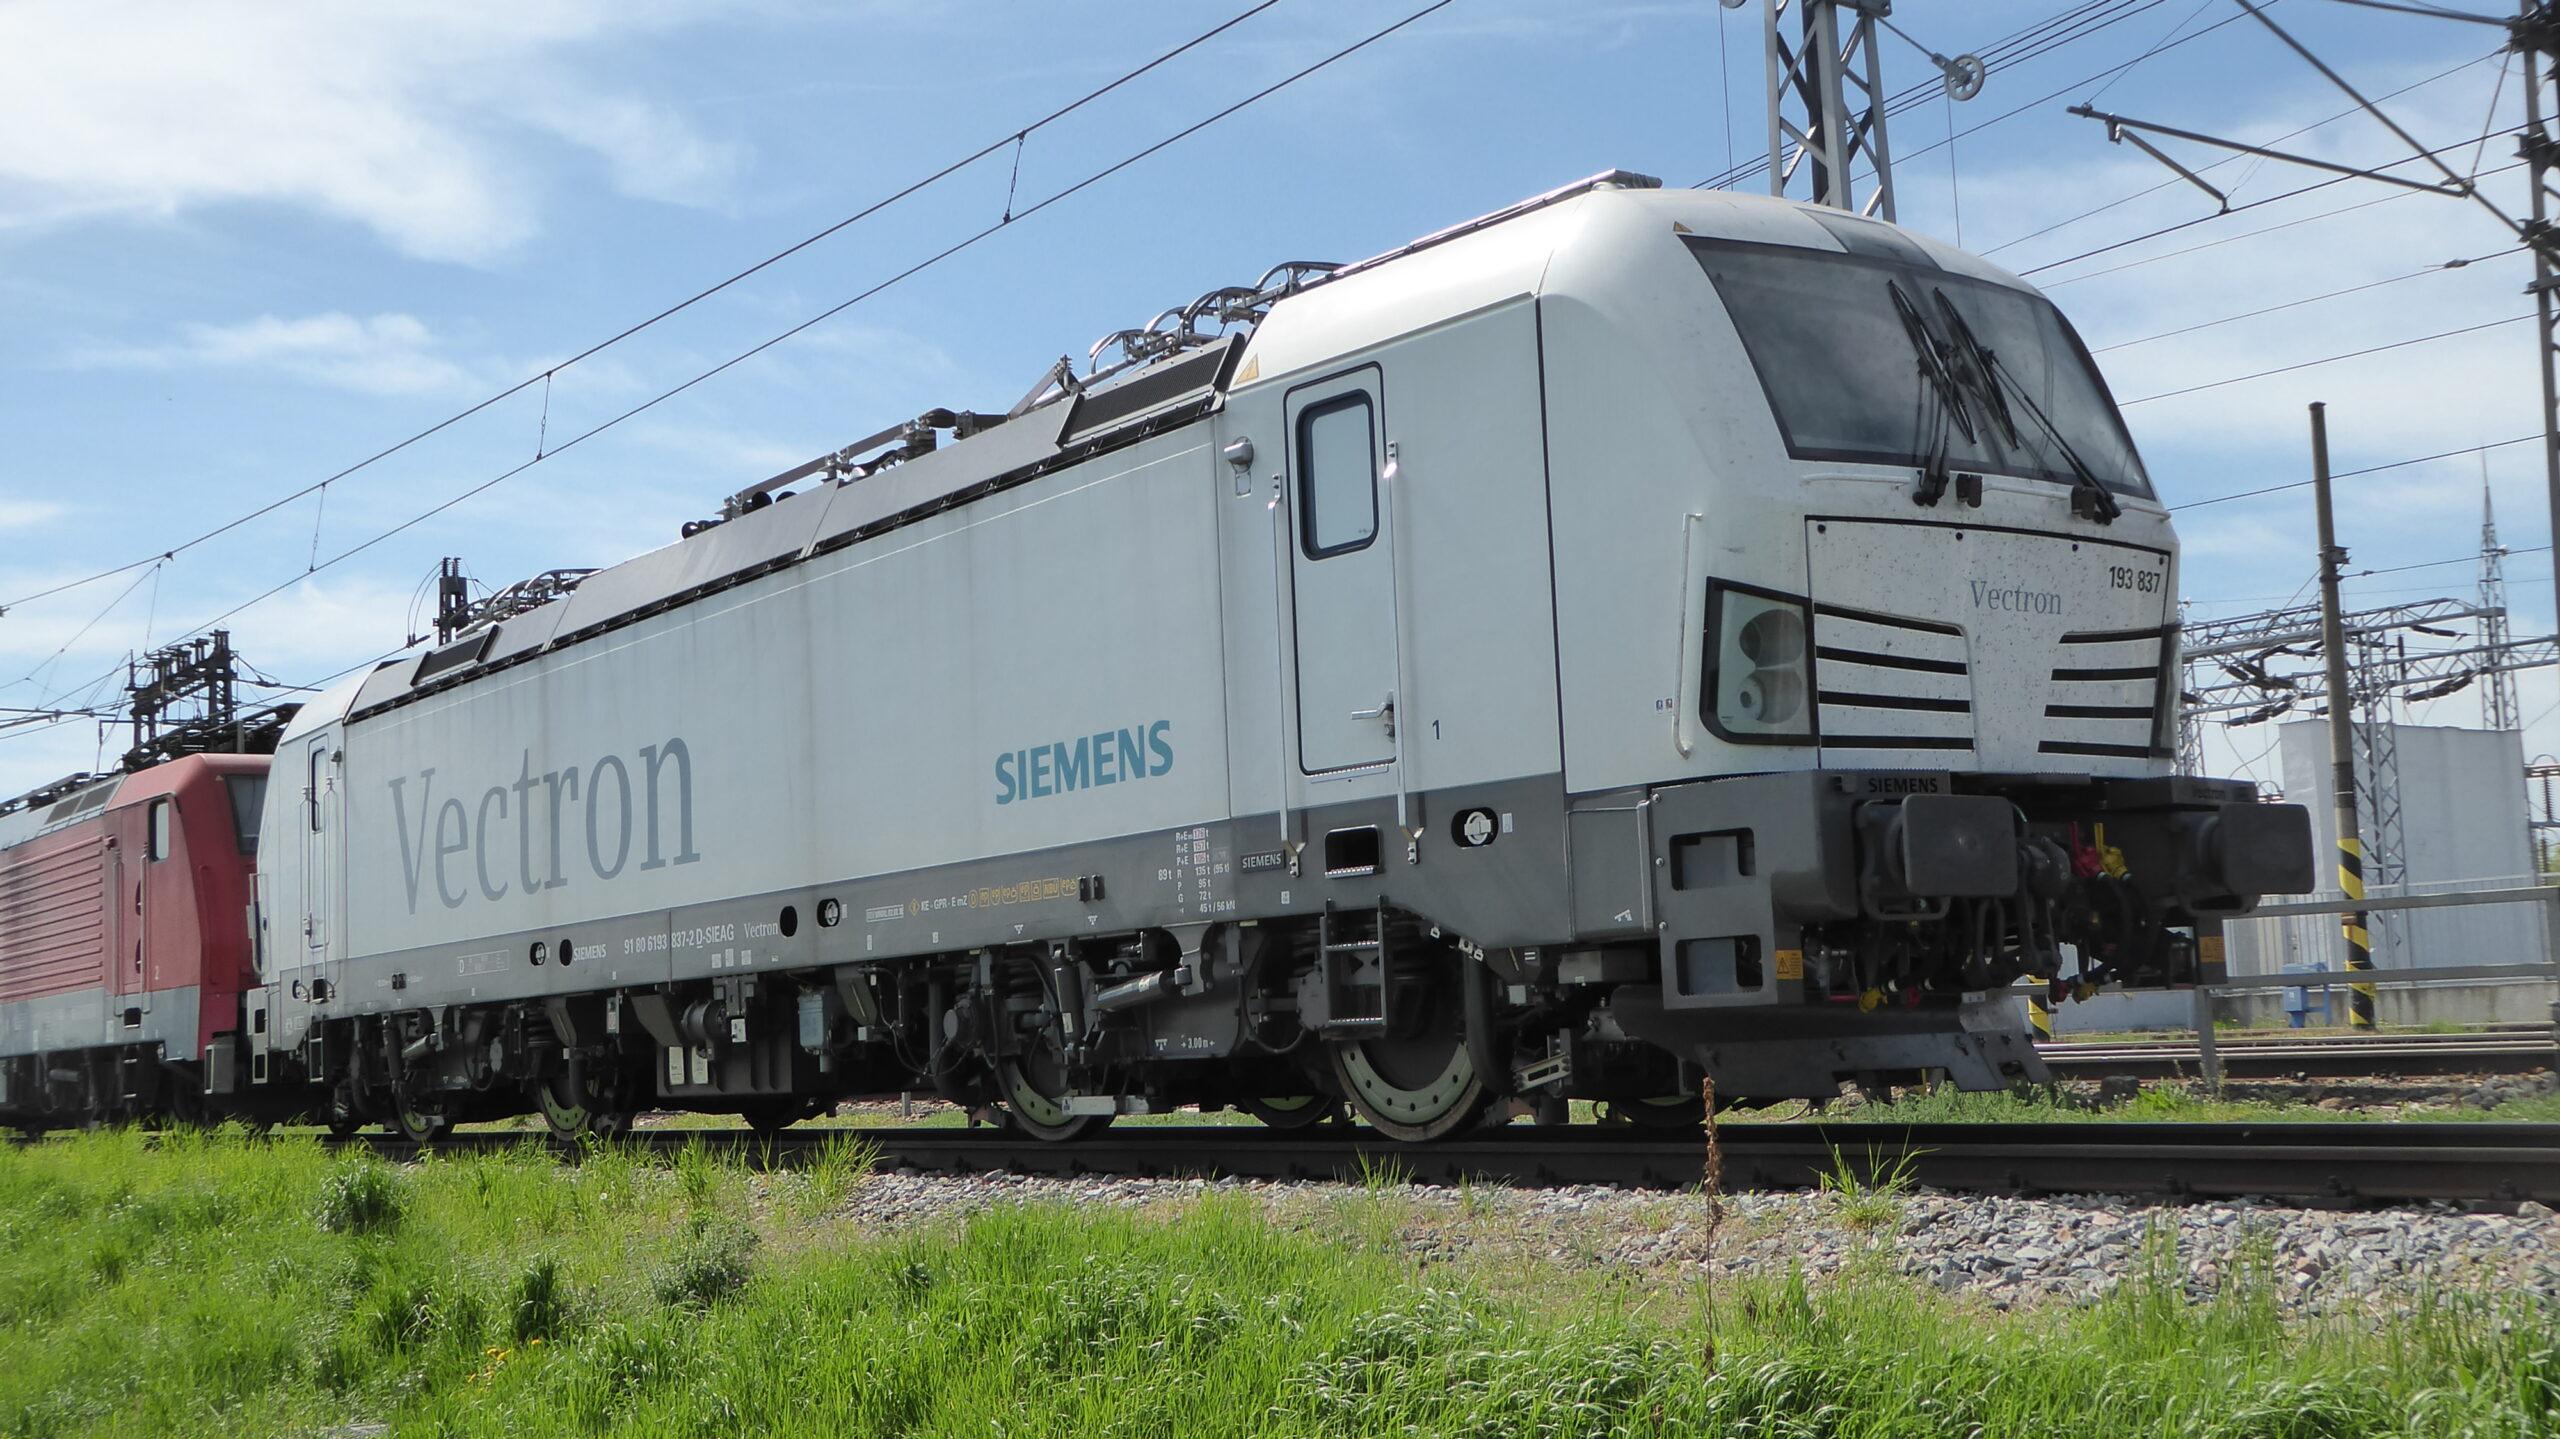 DB-Baureihe 193